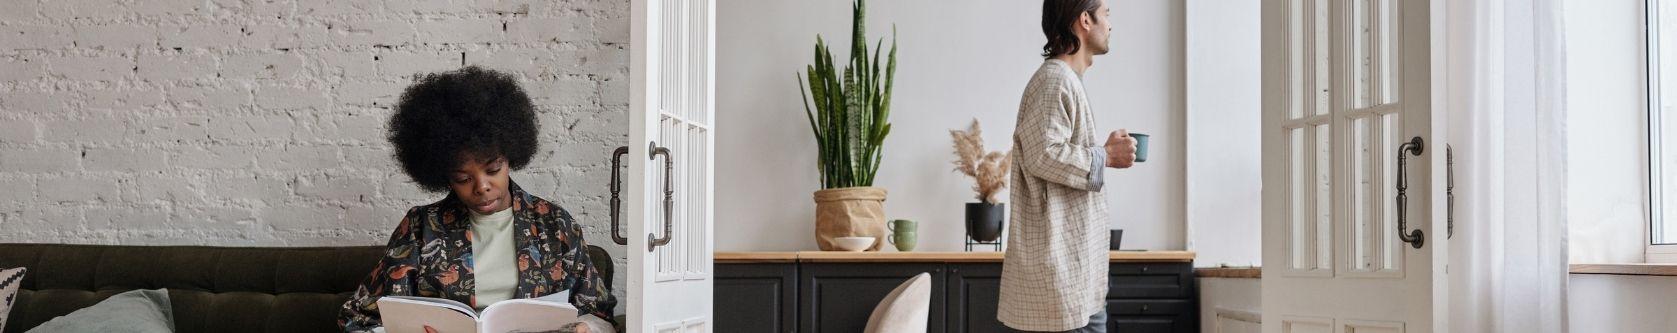 28 sinnvolle Tipps gegen Langeweile zuhause